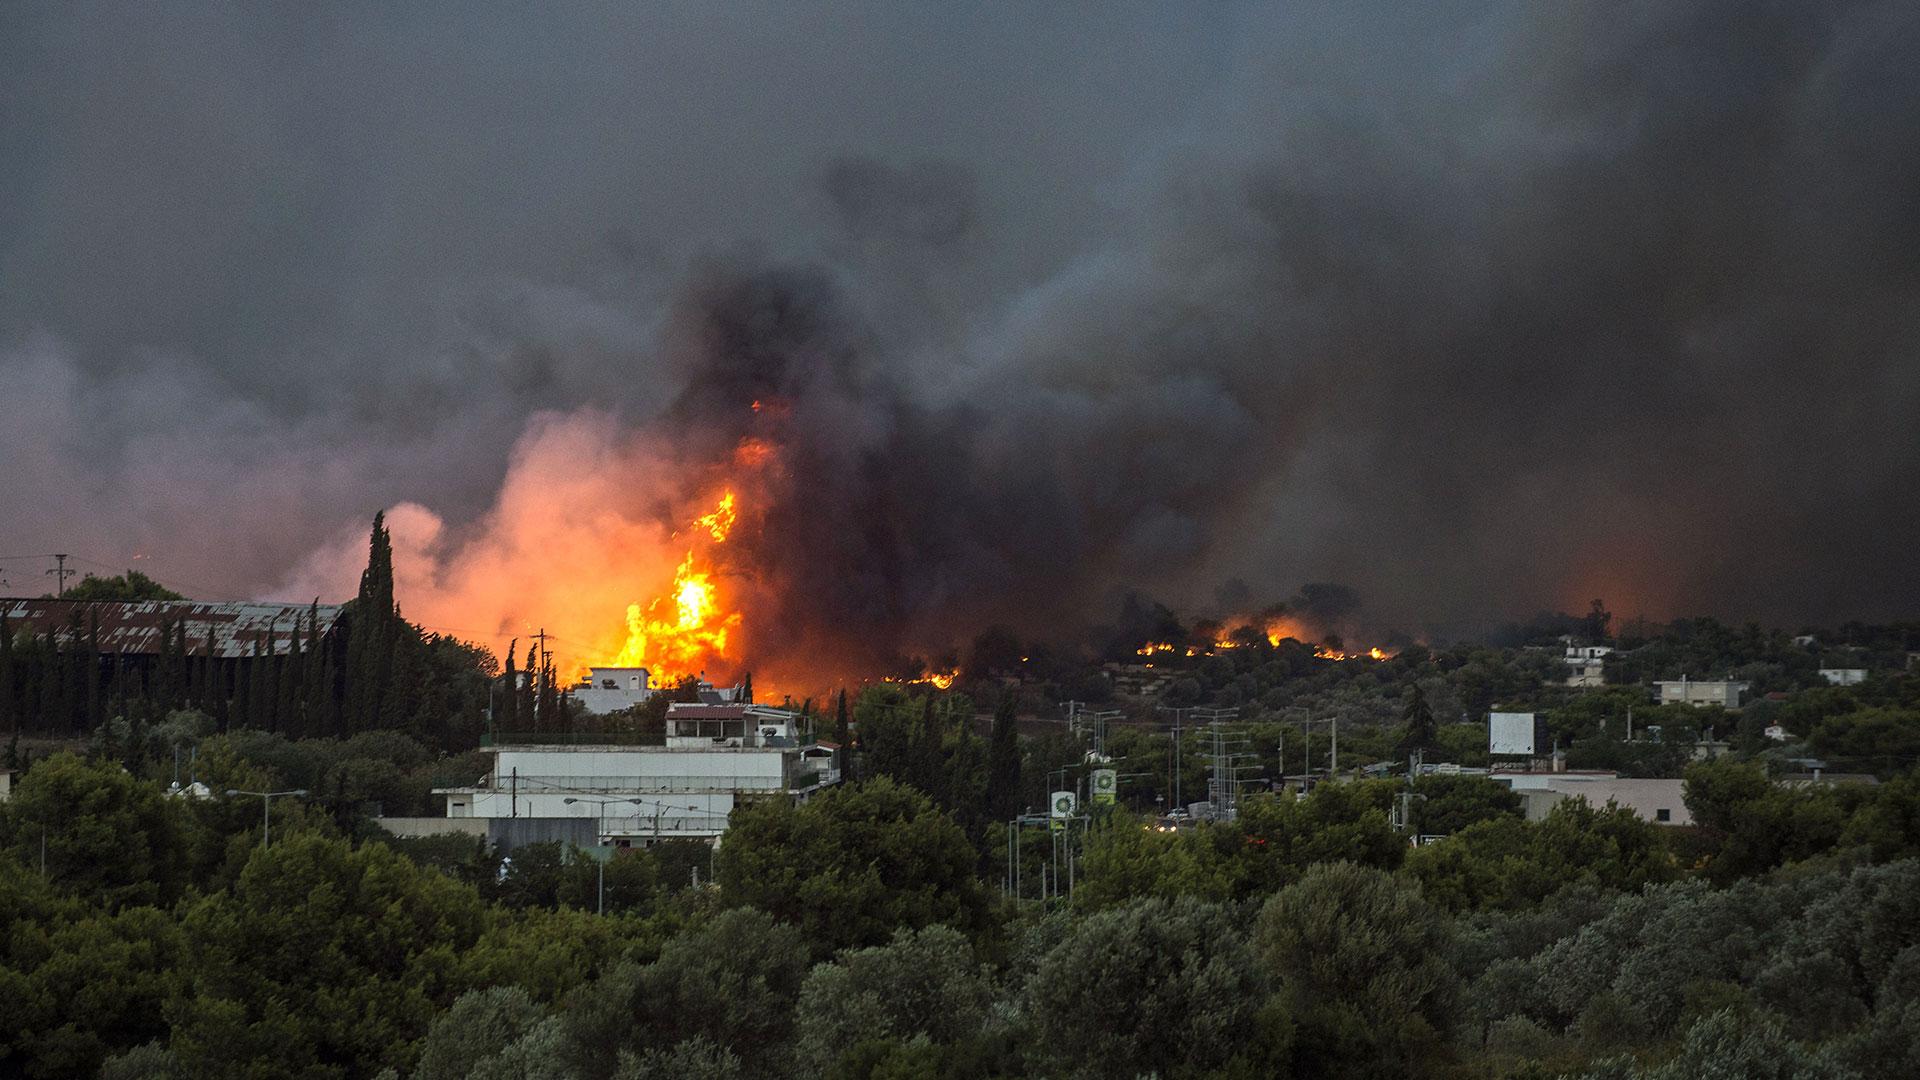 La cifra oficial de fallecidos por los incendios en Grecia se eleva a 91